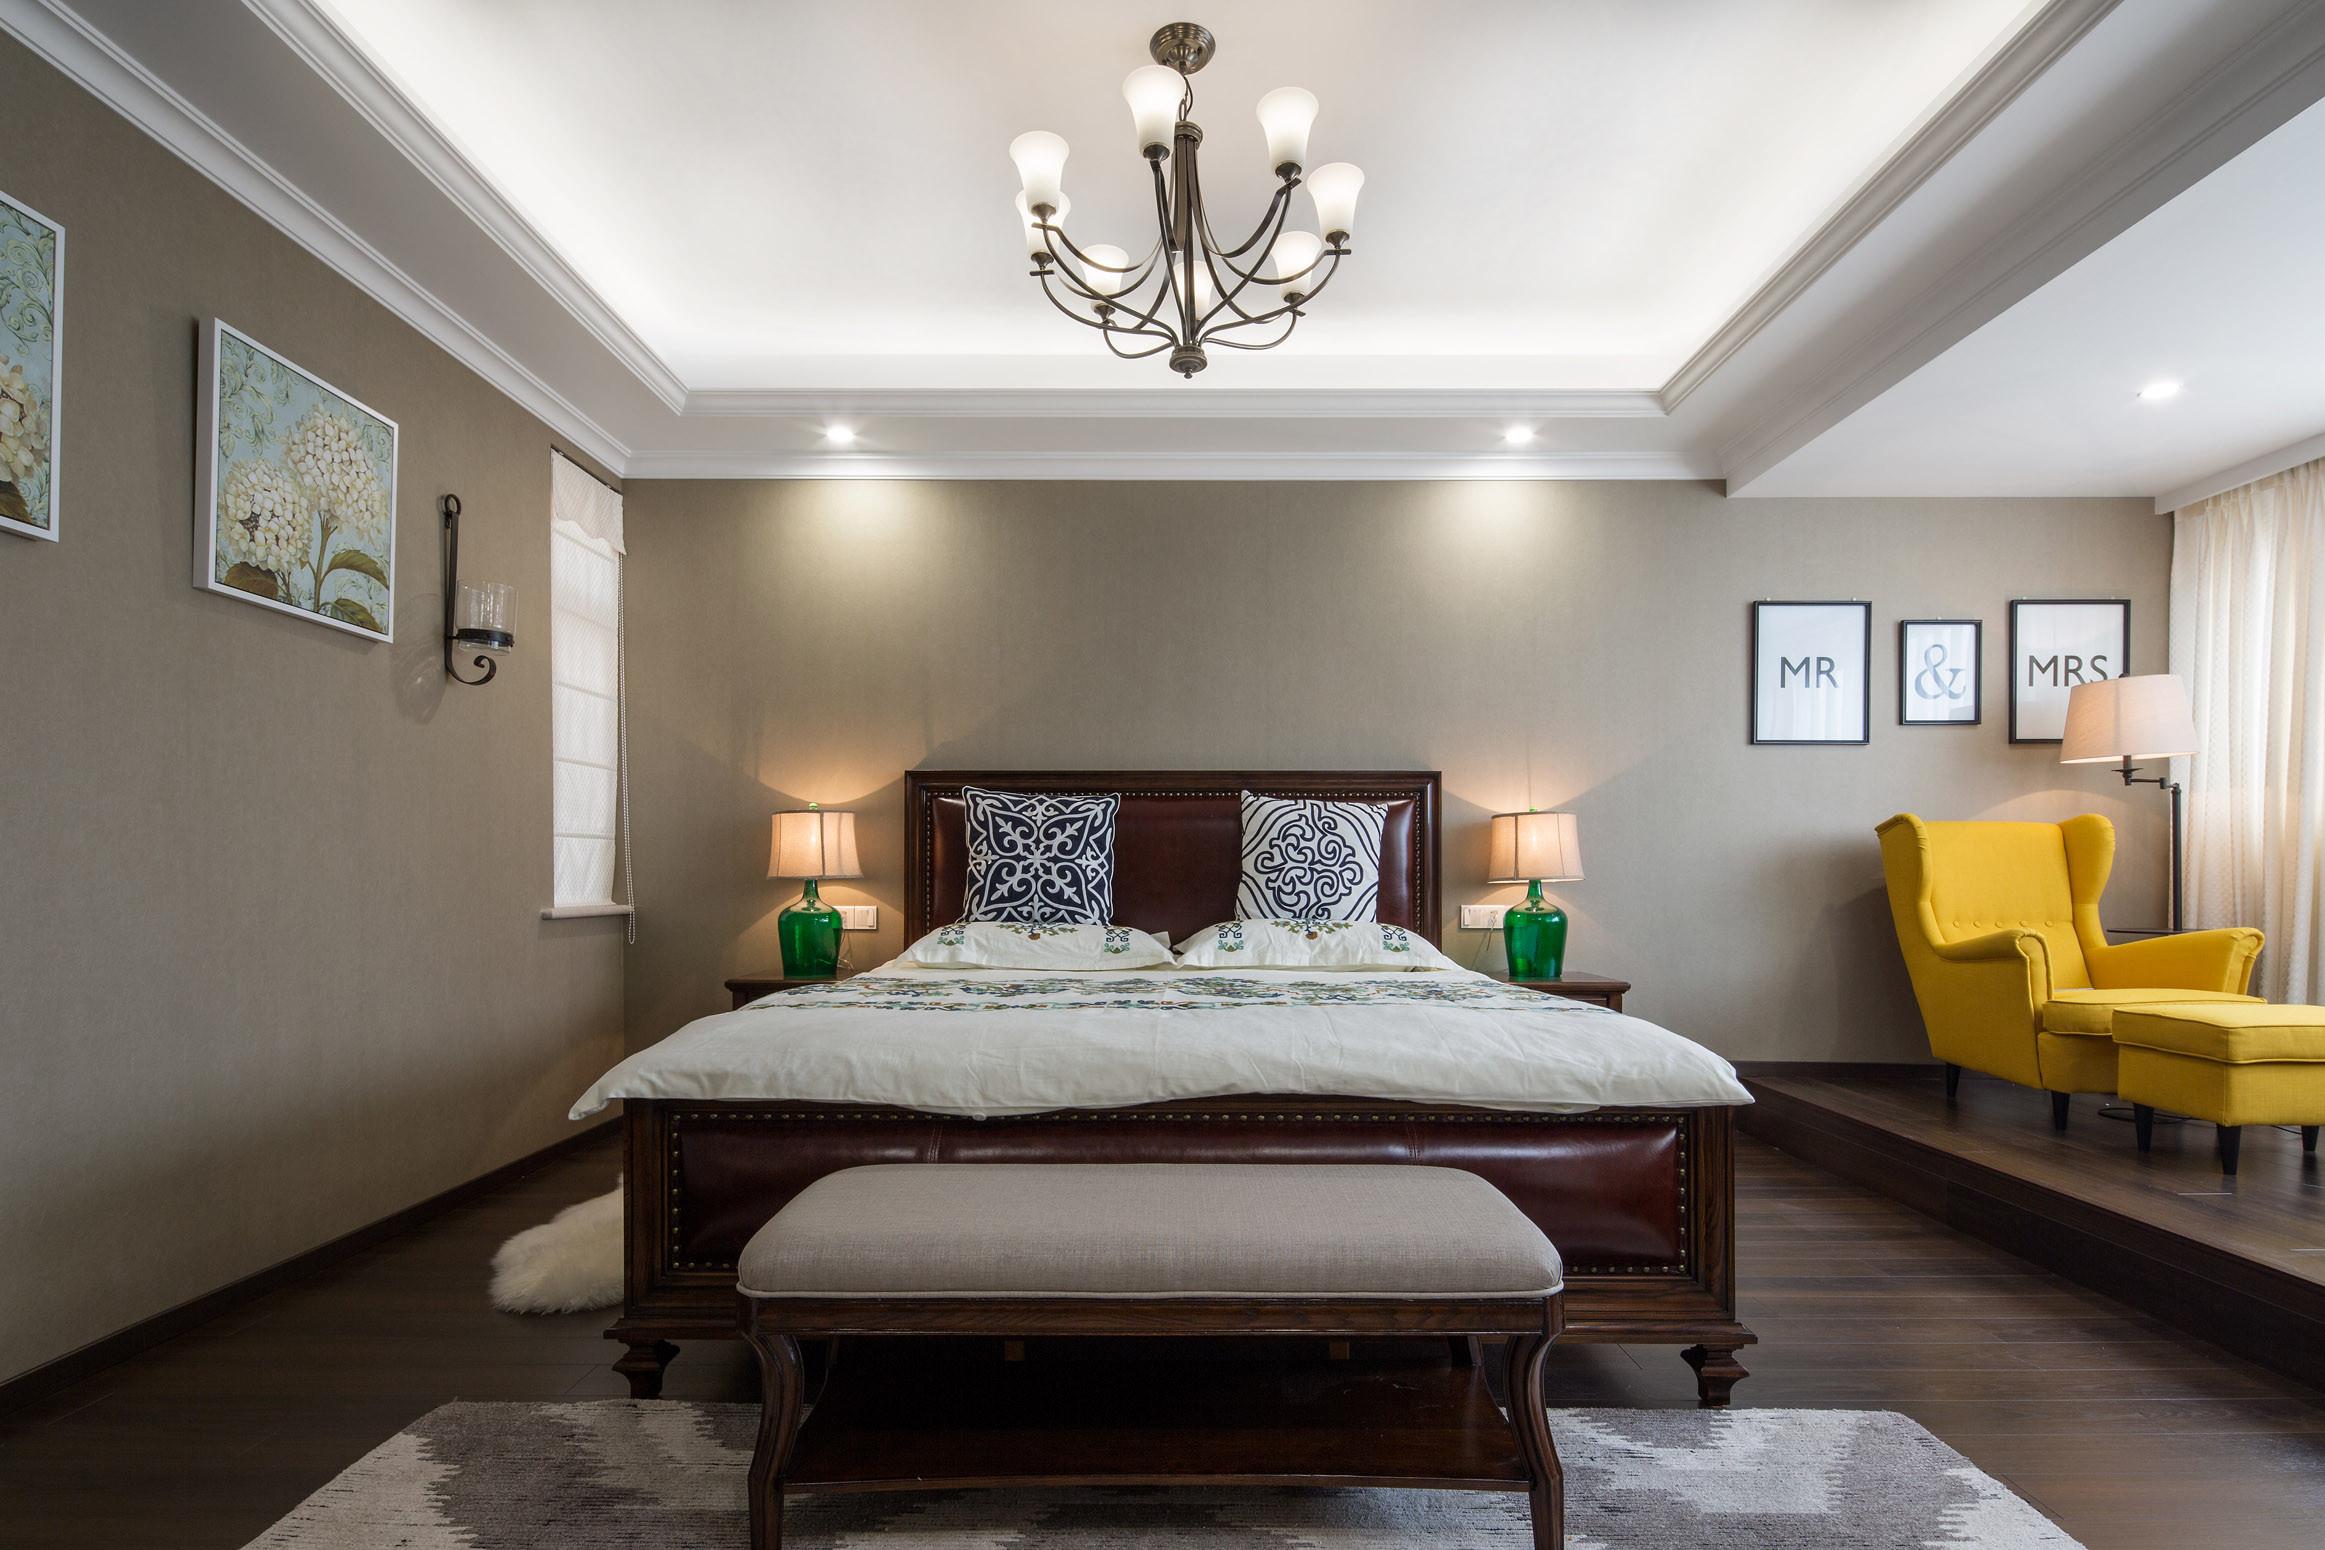 中科大学城 别墅装修 欧美风格 别墅设计师 卧室图片来自腾龙设计在美式风格别墅装修完工实景的分享